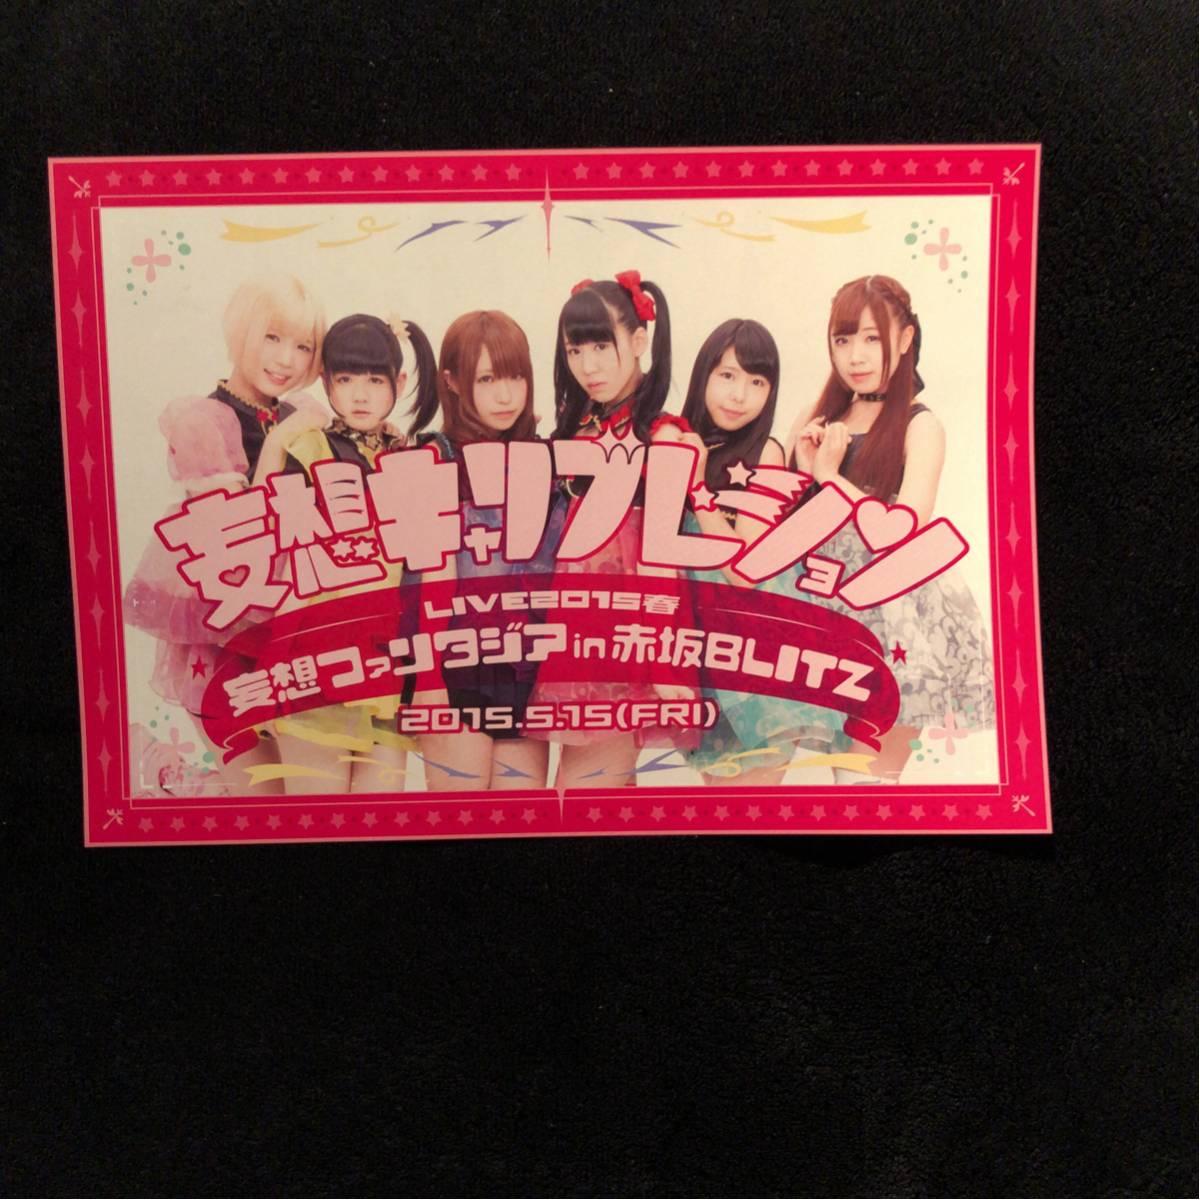 コンサートチラシ★妄想キャリブレーション / 妄想ファンタジアin 赤坂BLITZ